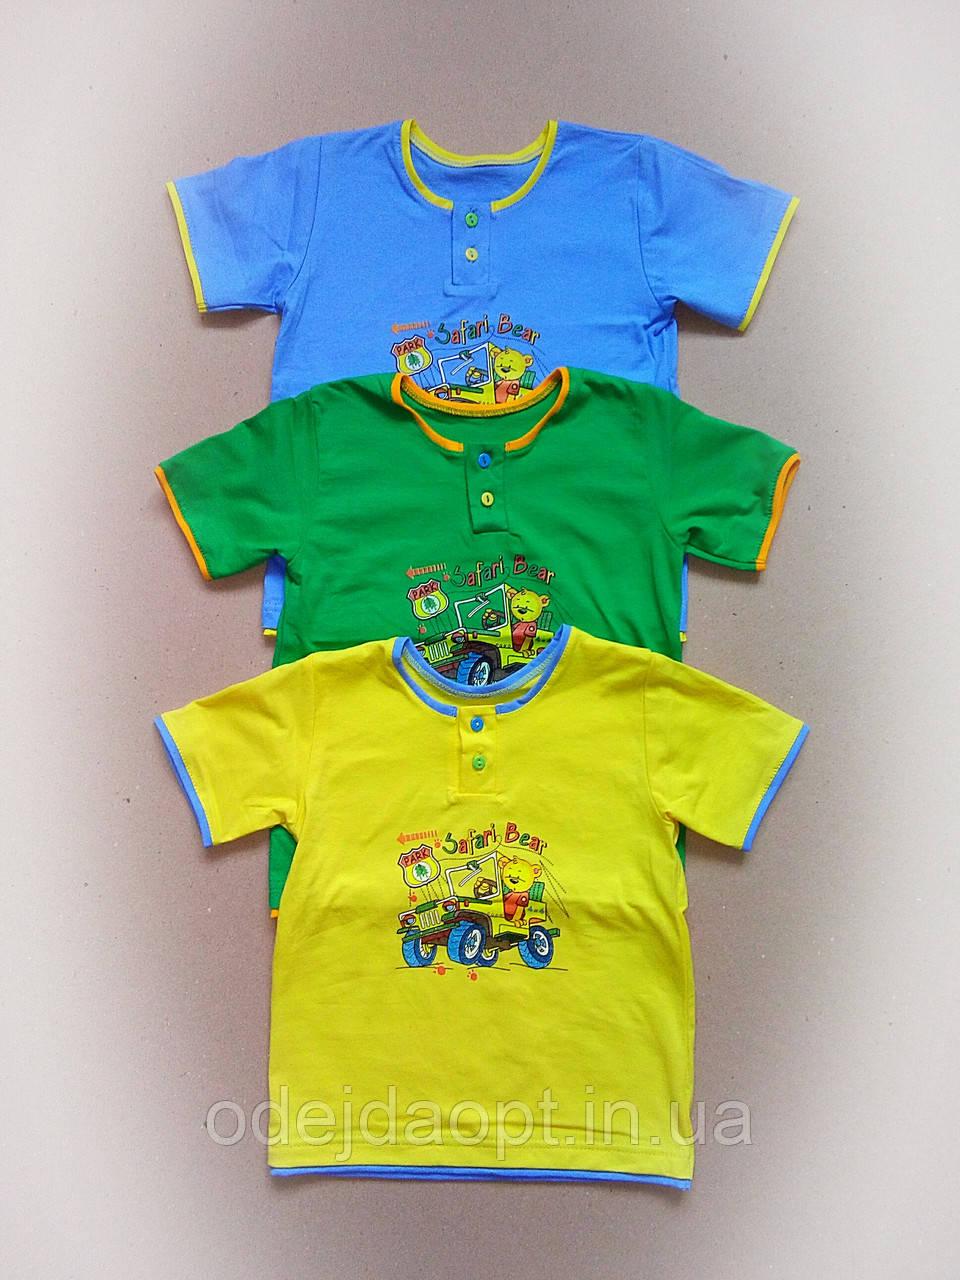 Детская футболка для мальчика от 8 месяцев